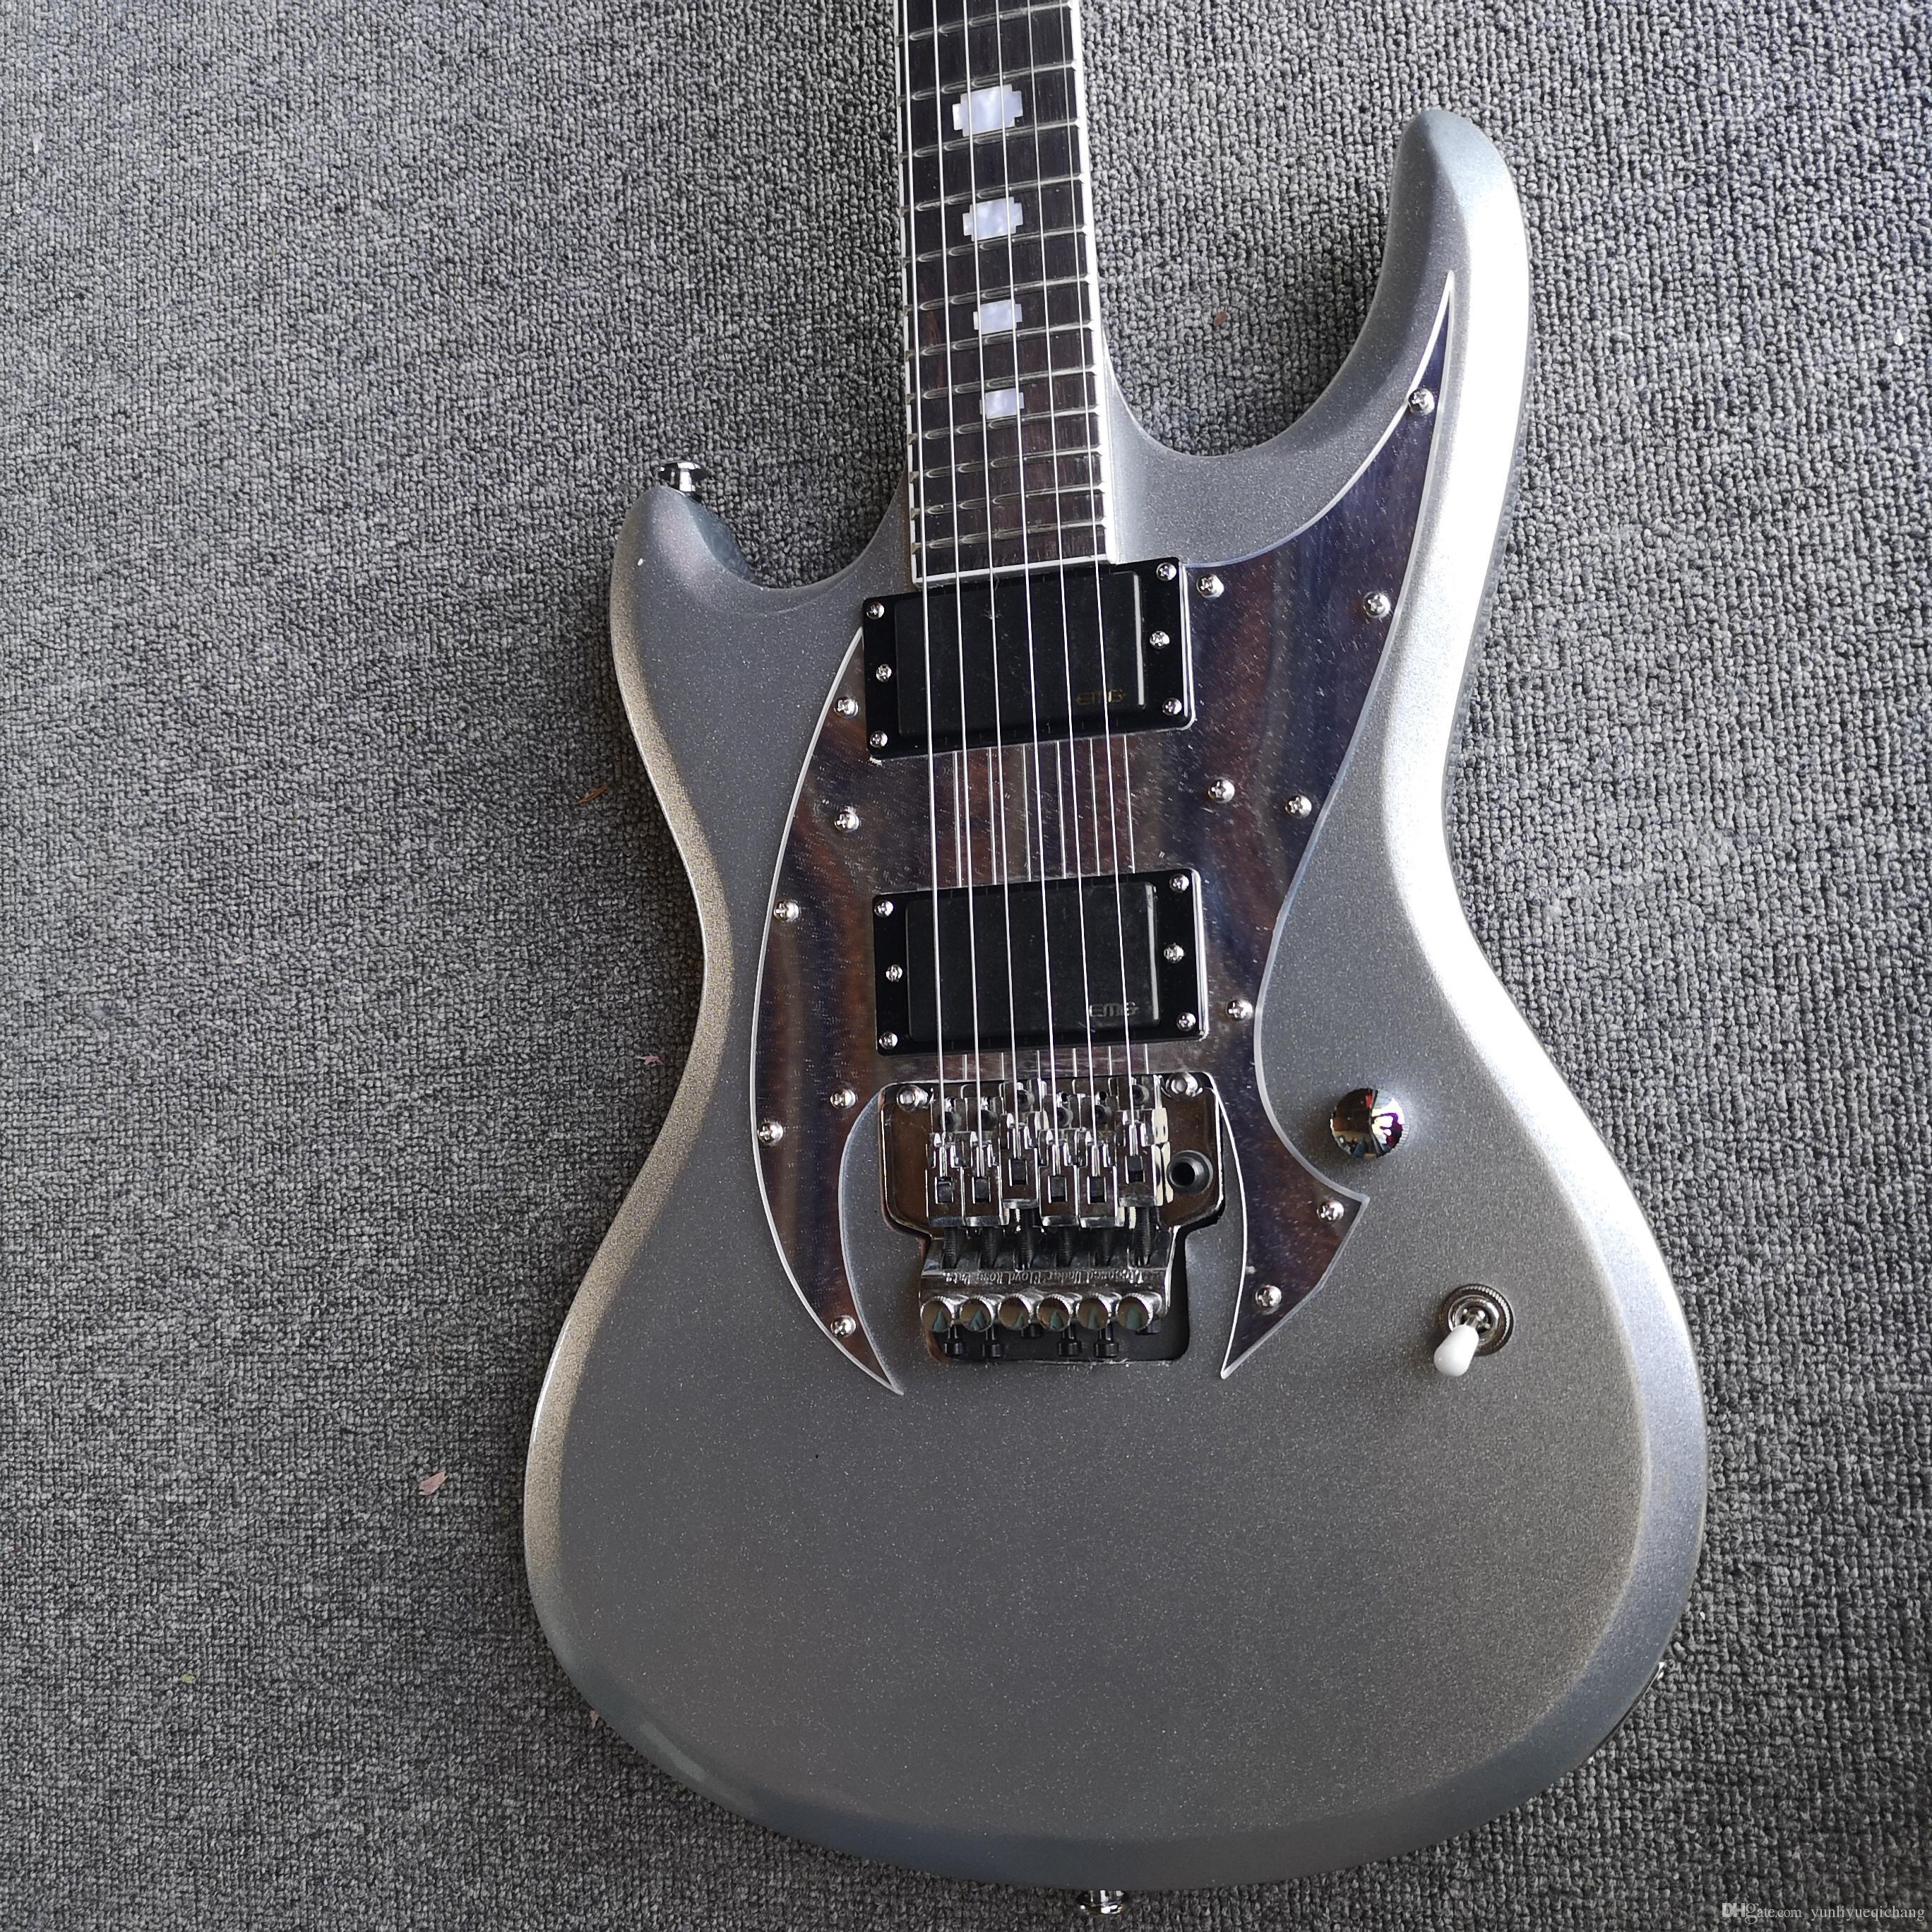 Argent super beau personnalisable garantie de qualité de la guitare